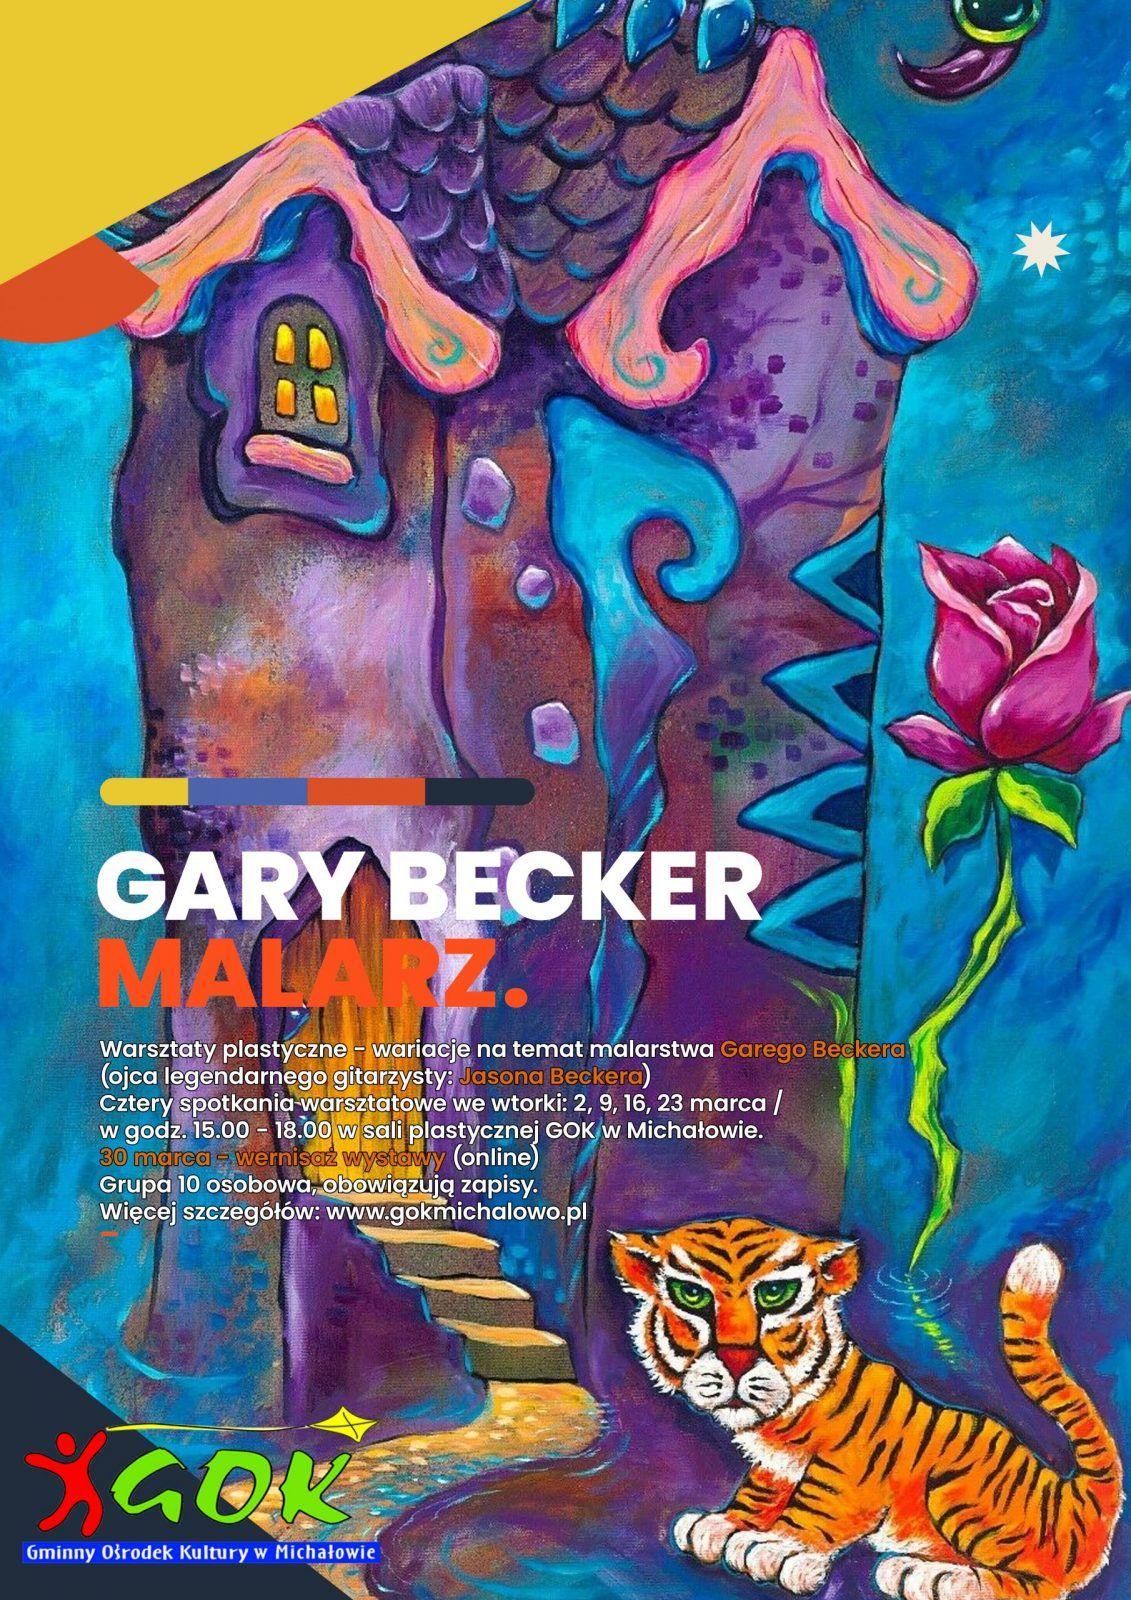 Gary Becker warsztaty plastyczne